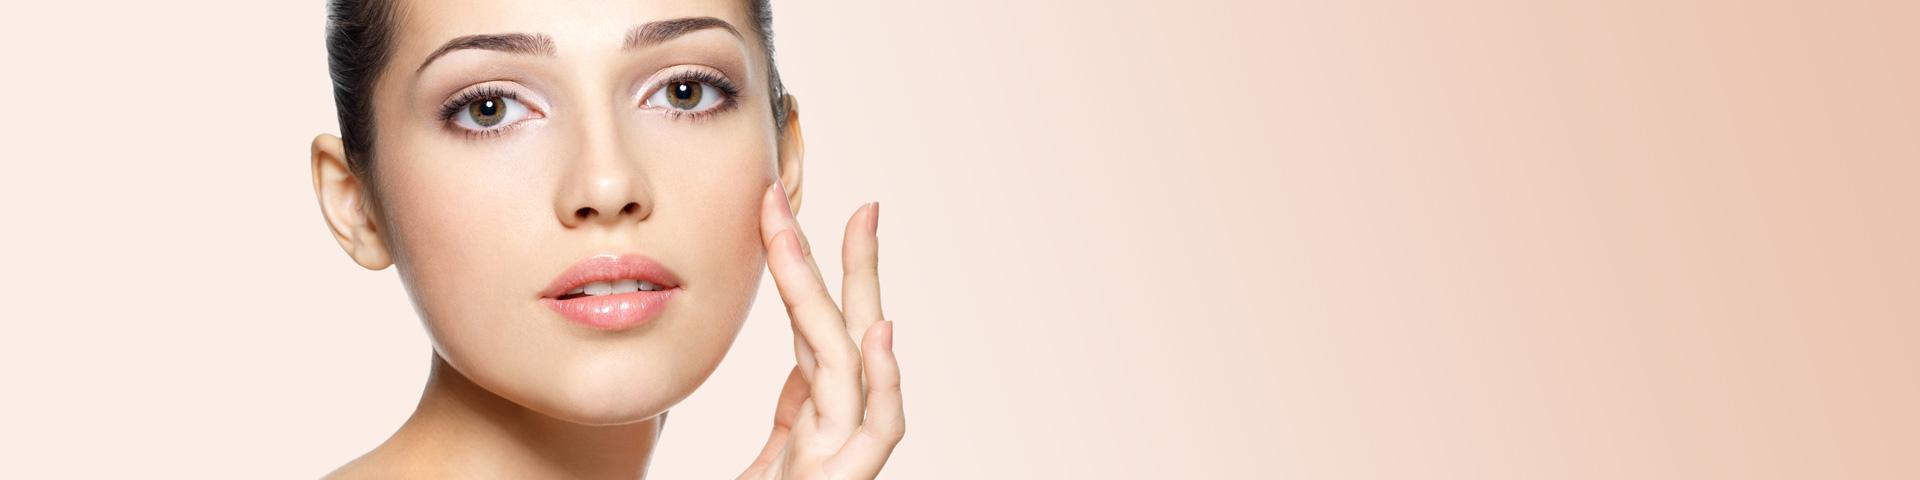 Junge Frau tippt mit 2 Fingern auf ihre Wange